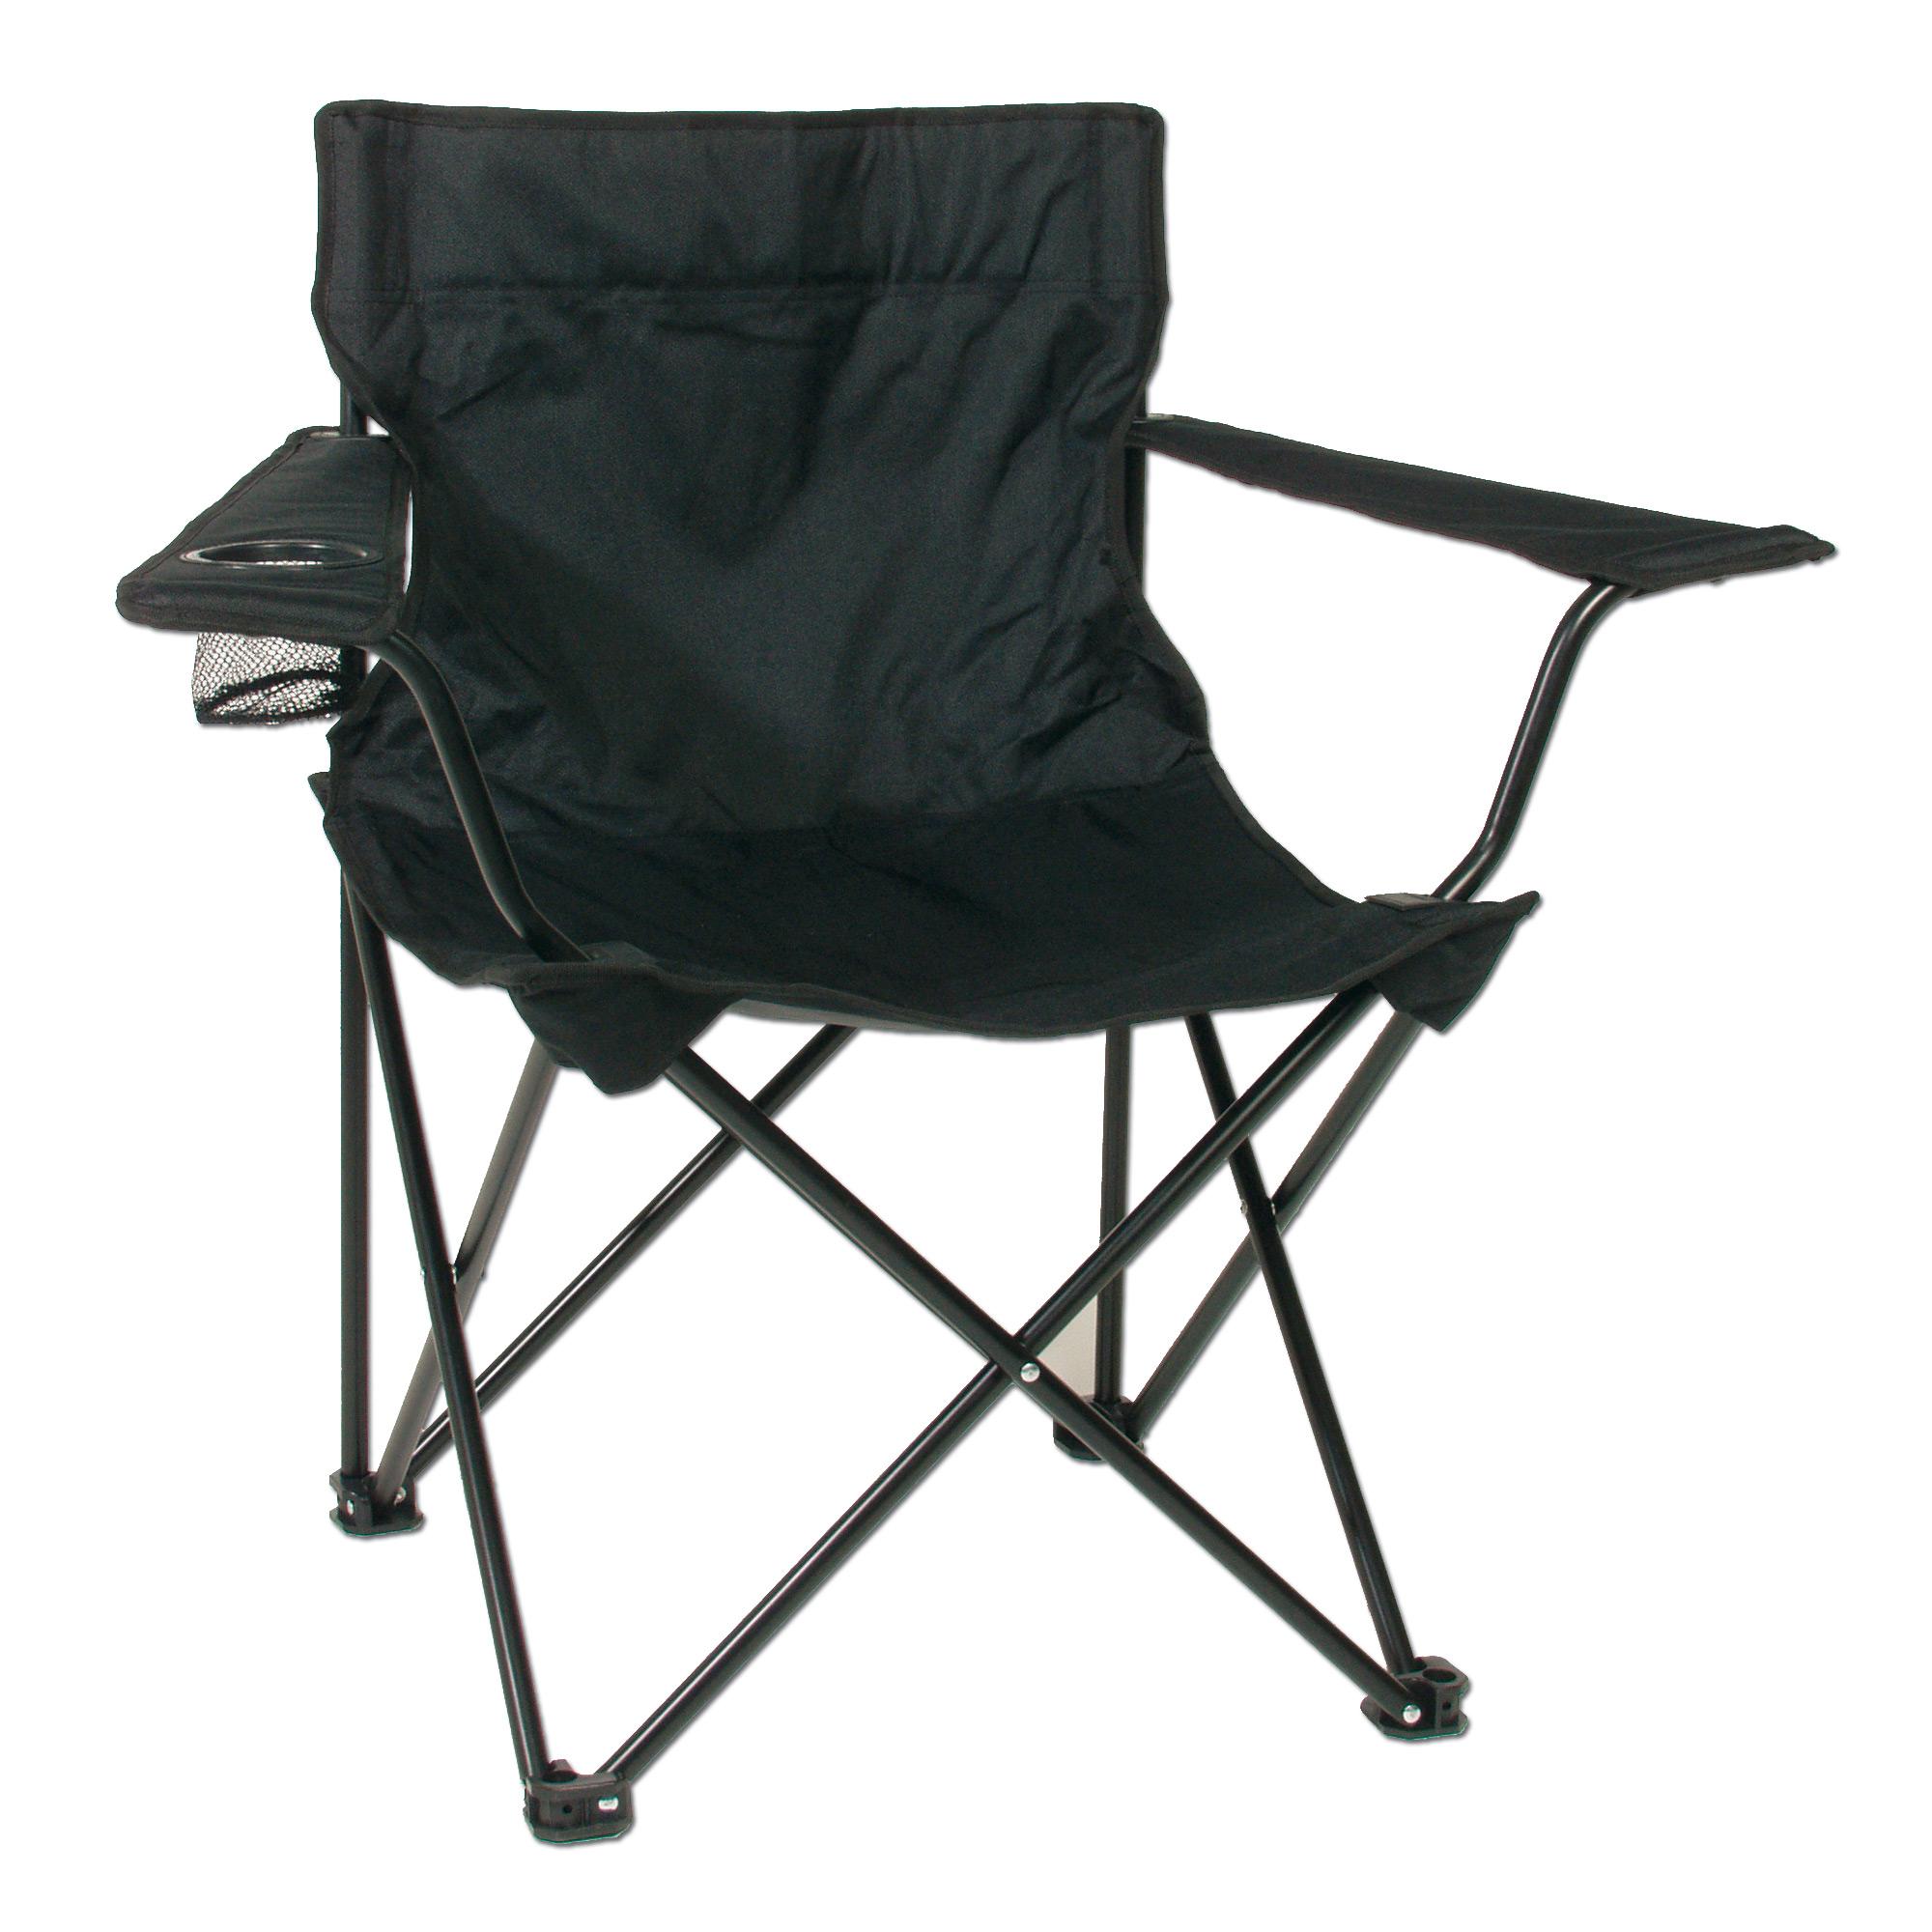 Klappstuhl schwarz mit Stahlgestänge